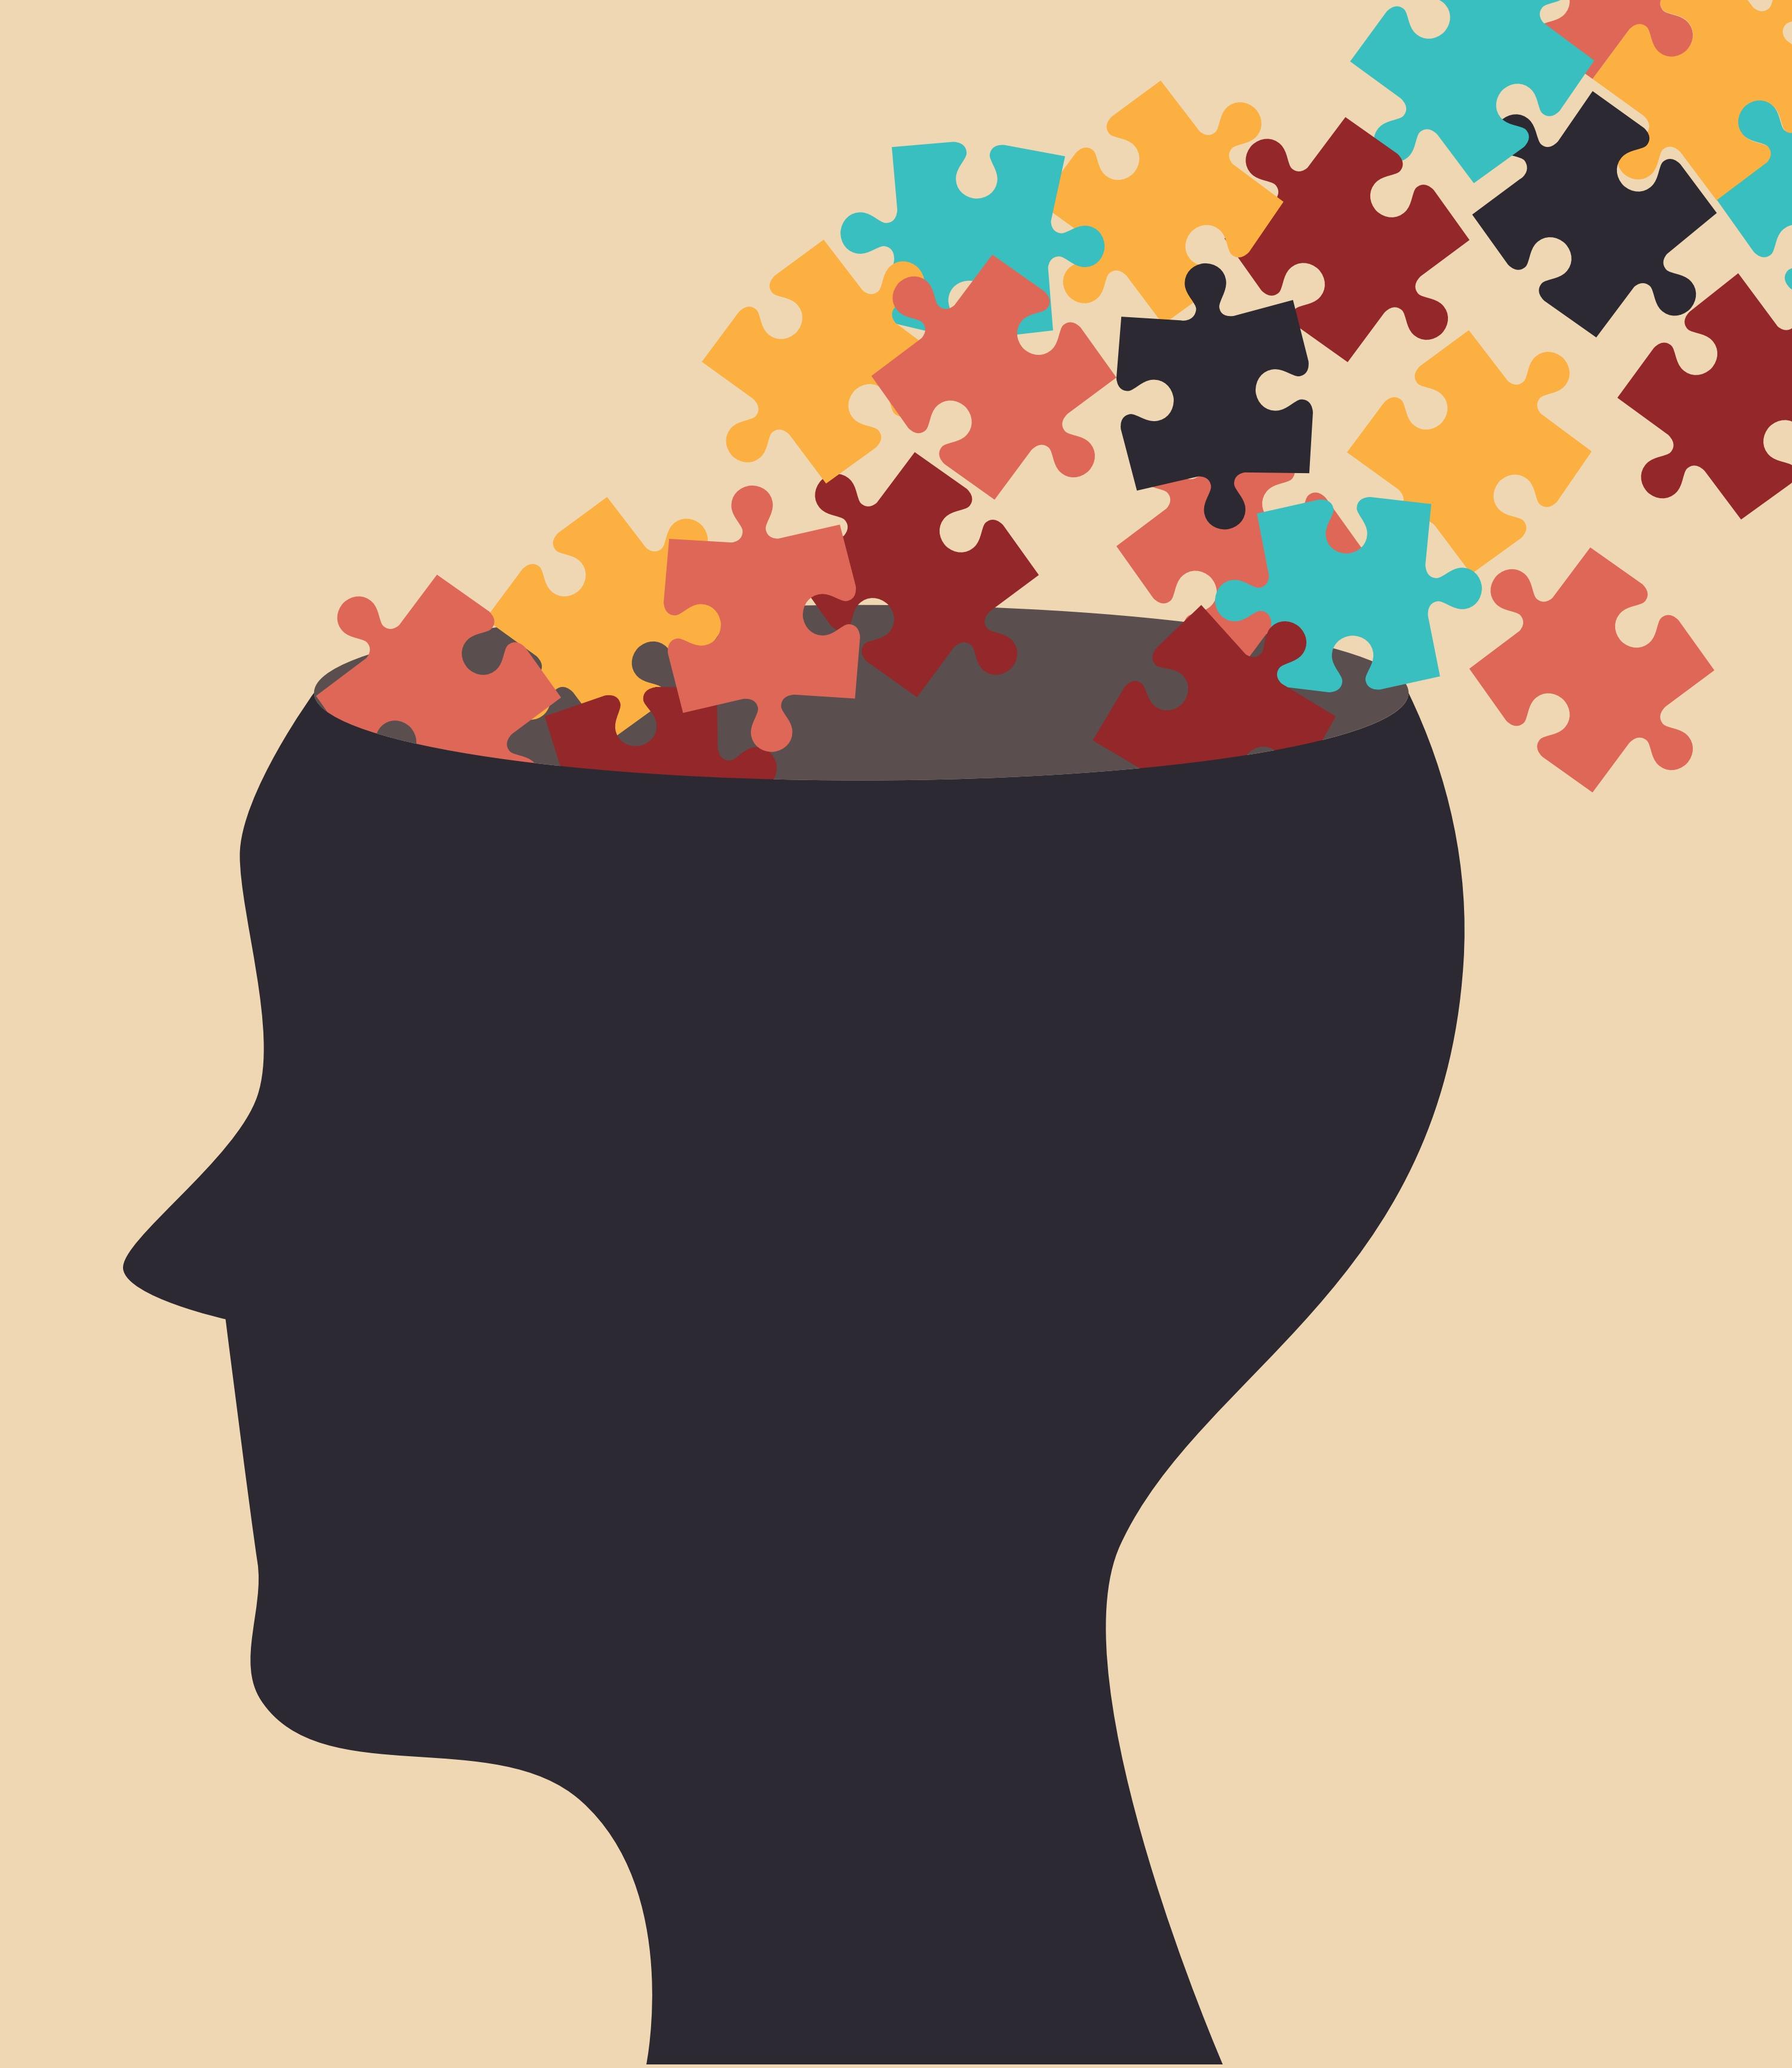 seizure puzzles